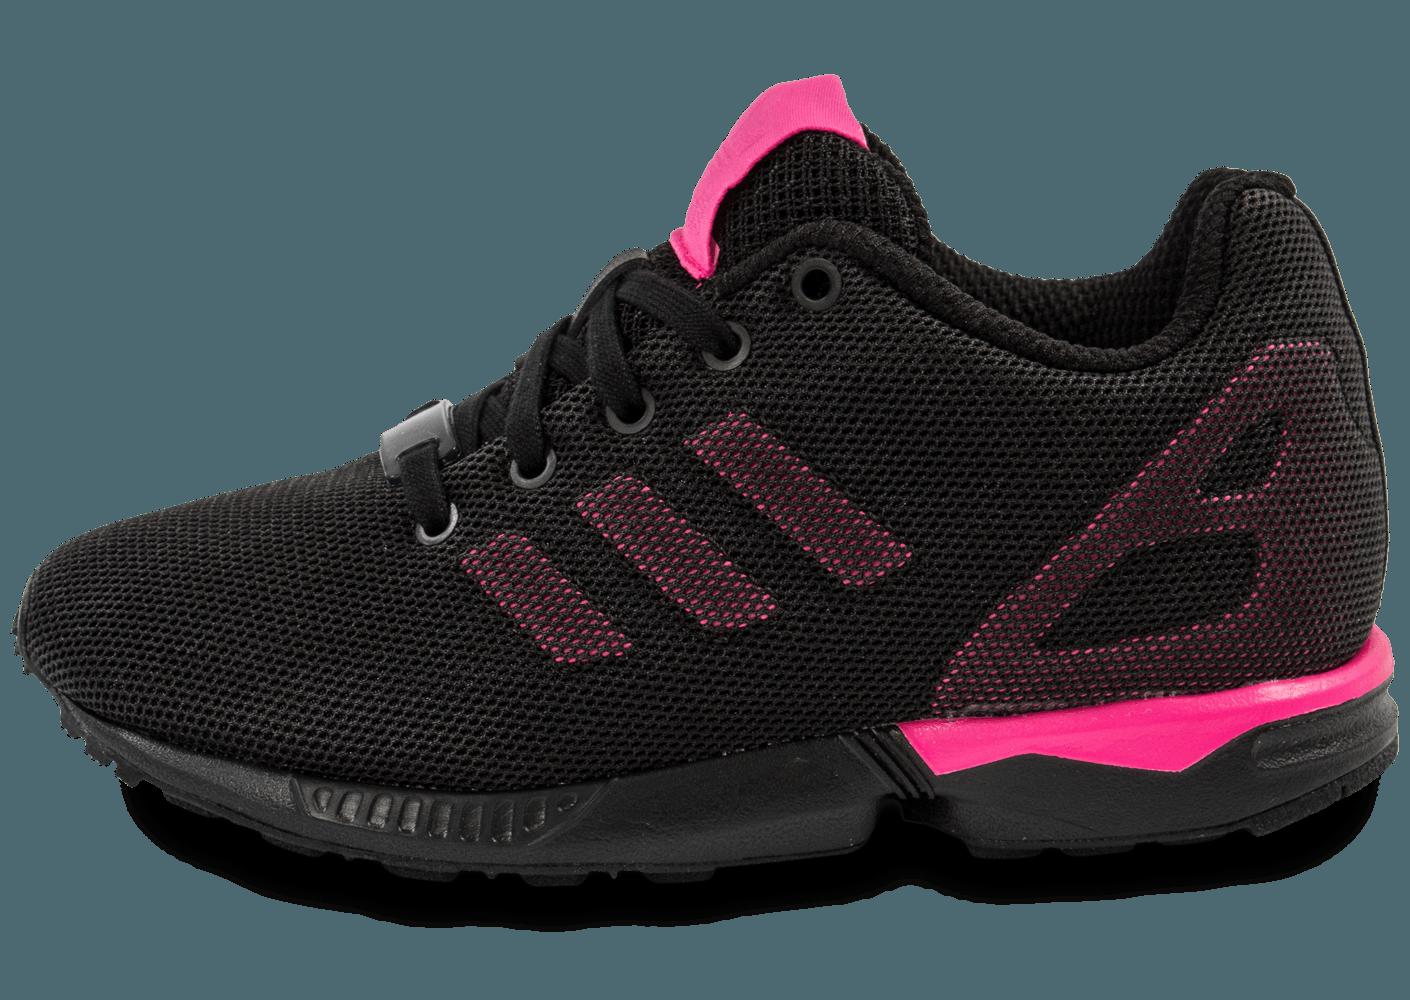 b010fb90fa99 Achetez élégant adidas zx rose et noir pas cher Violet Baskets ...